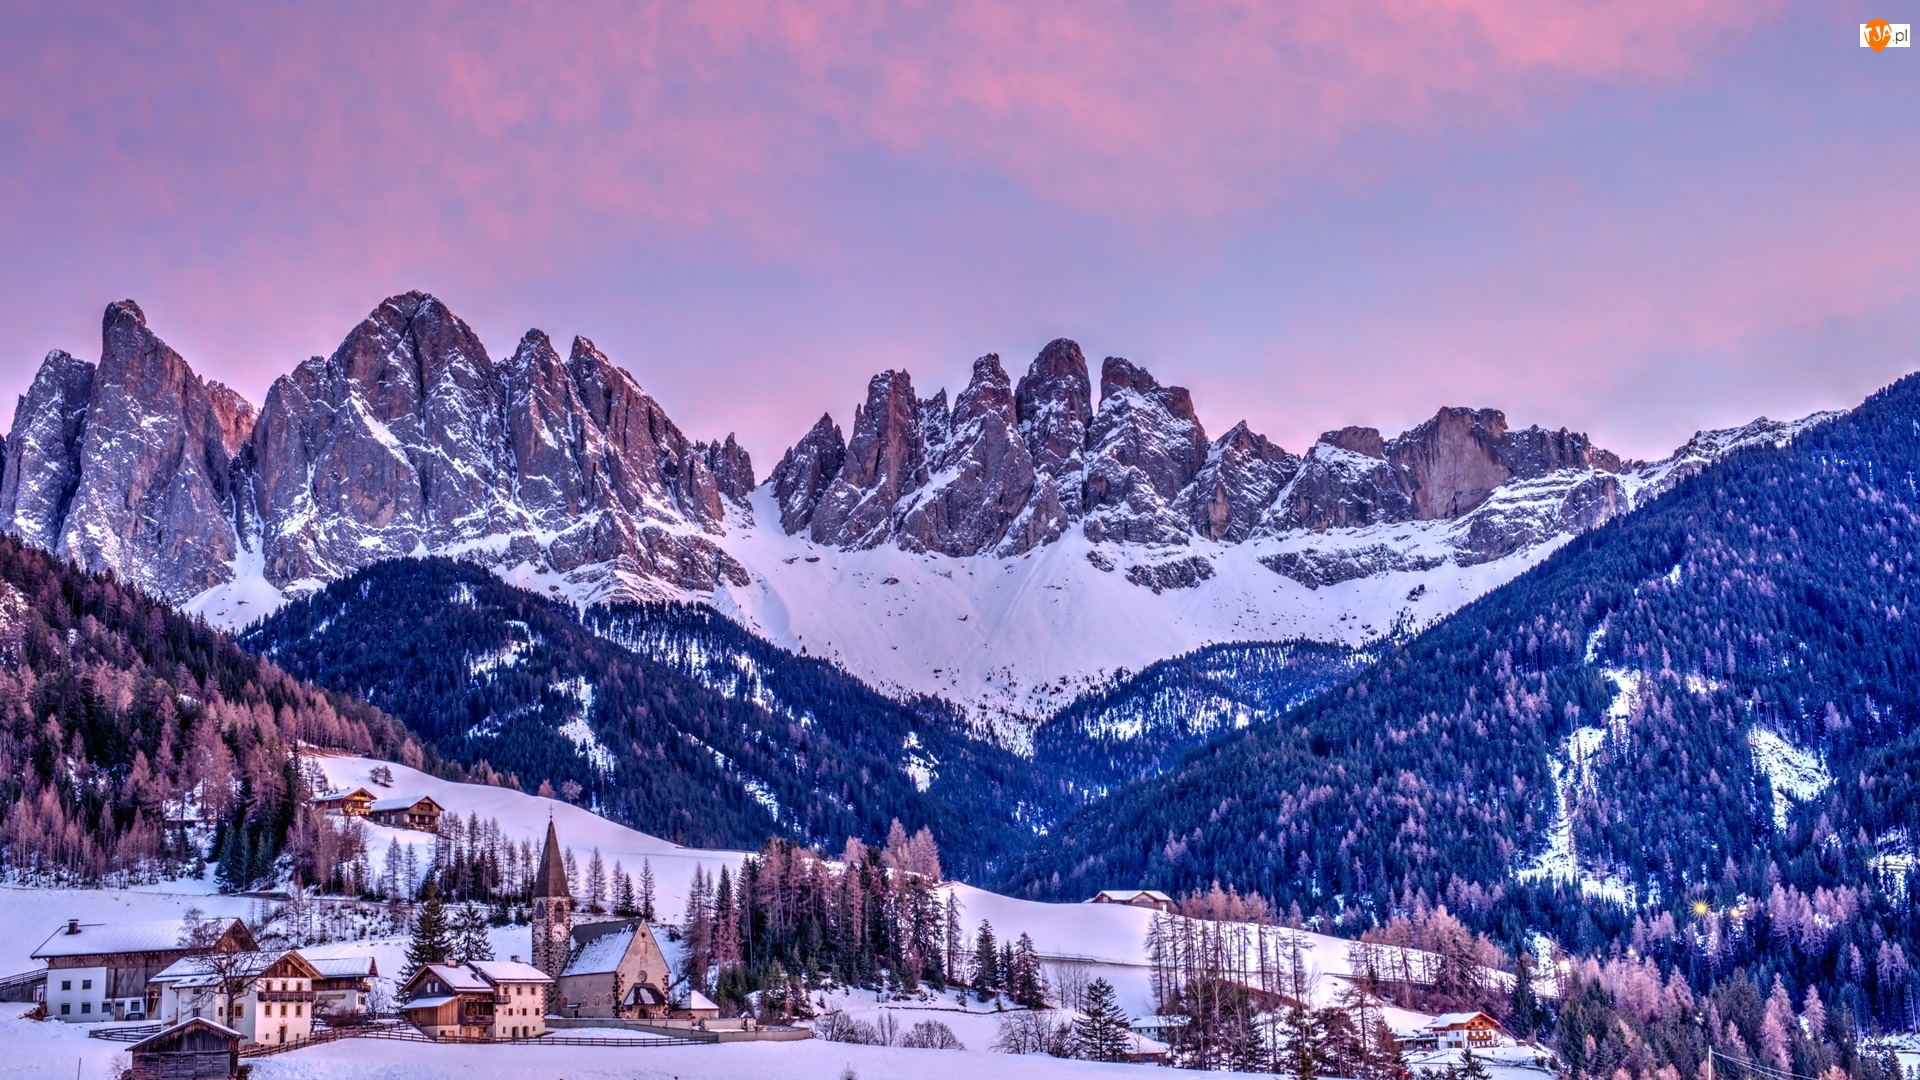 Lasy, Dolina, Dolomity, Kościół, Drzewa, Włochy, Wieś, Góry, Val di Funes, Santa Maddalena, Zima, Domy